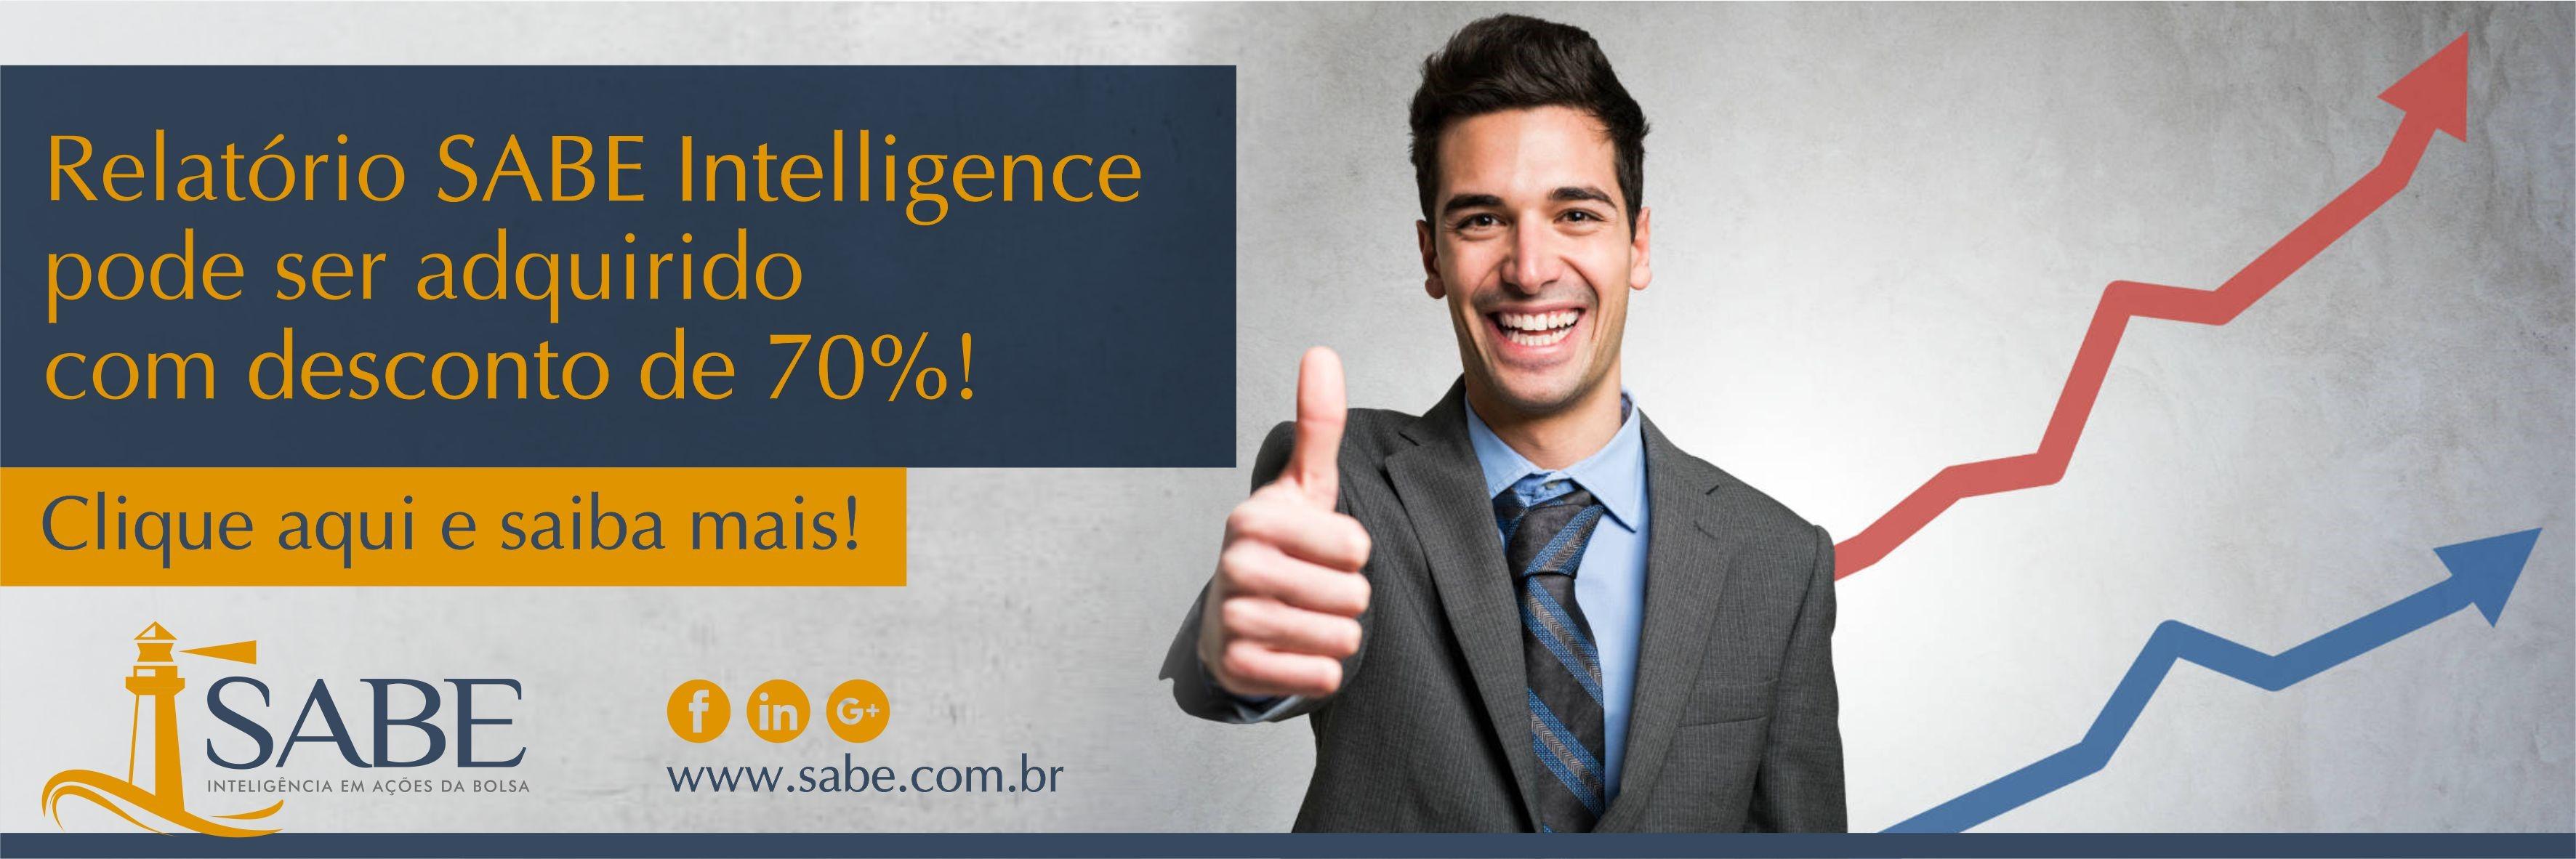 Promo SABE Intelligence